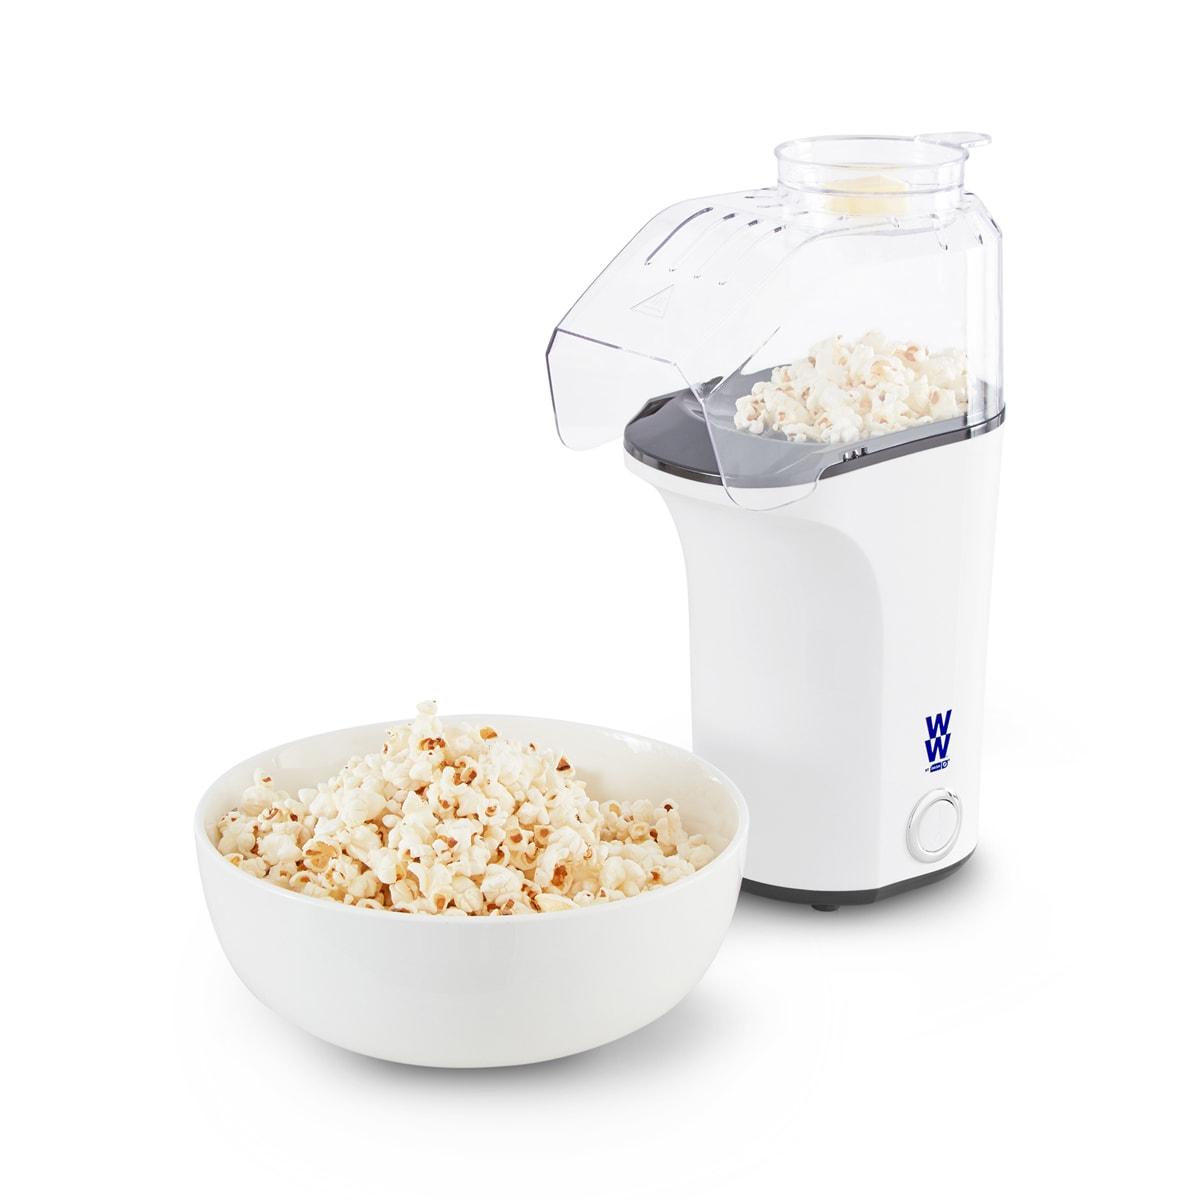 WW by Dash Fresh Pop Popcorn Maker with popcorn